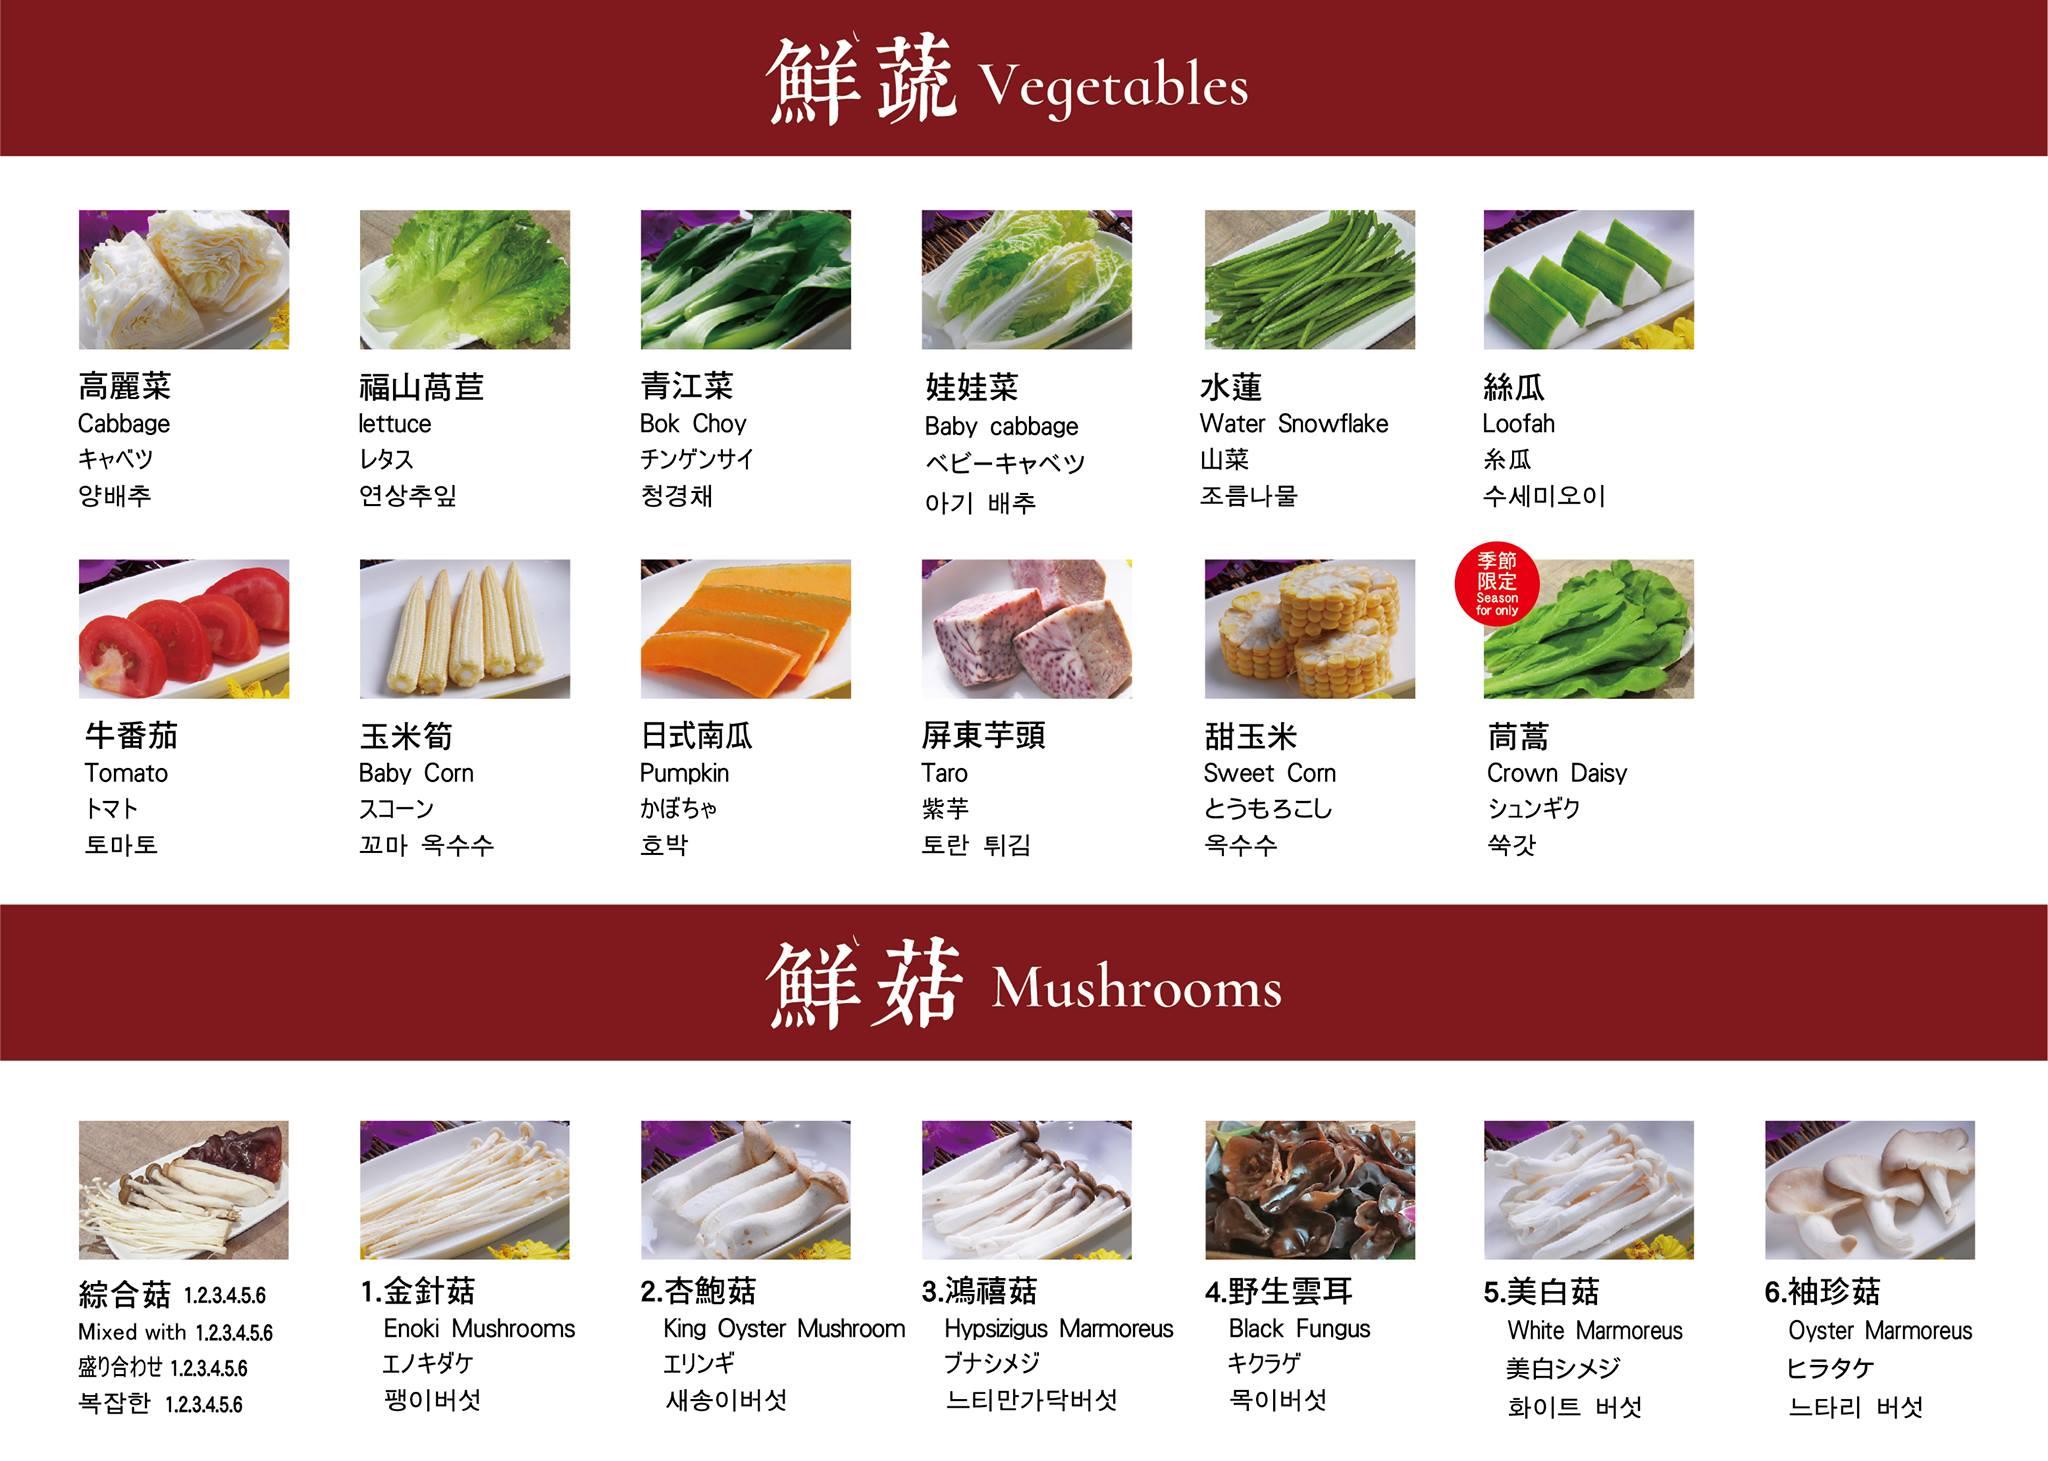 新馬辣經典麻辣鍋店內提供的蔬菜和香菇,也有很多可以選擇的